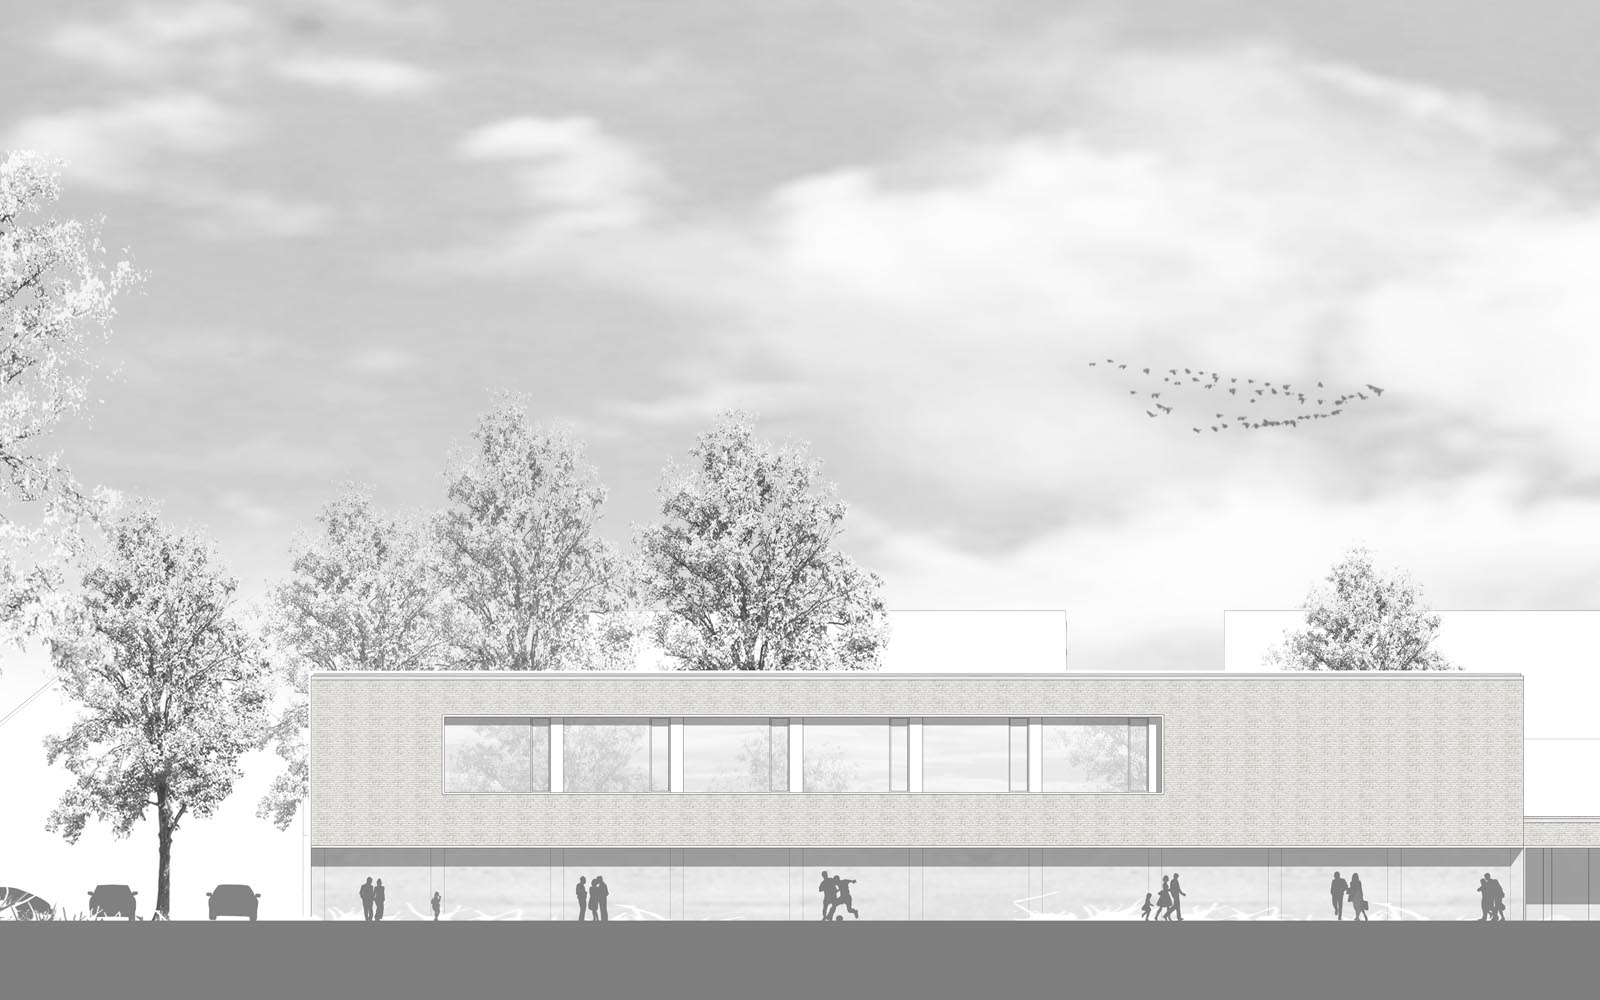 Wettbewerb_Peter-Wust_Schule_mit_Sporthalle_Muenster_Ansicht2_Steinweg_Claus_Architekten